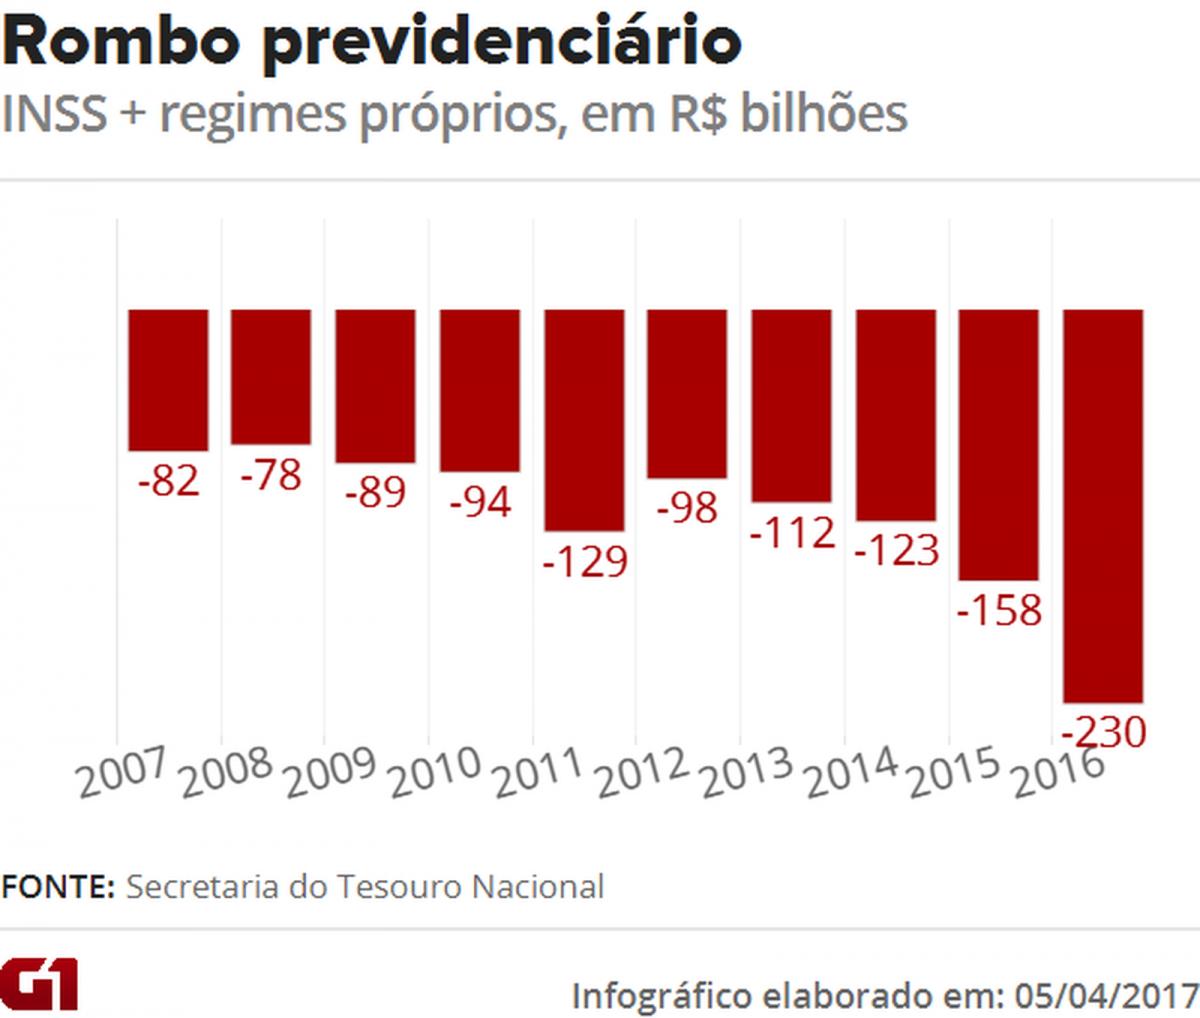 Foto: Arte/G1 - O déficit previdenciário quase triplicou